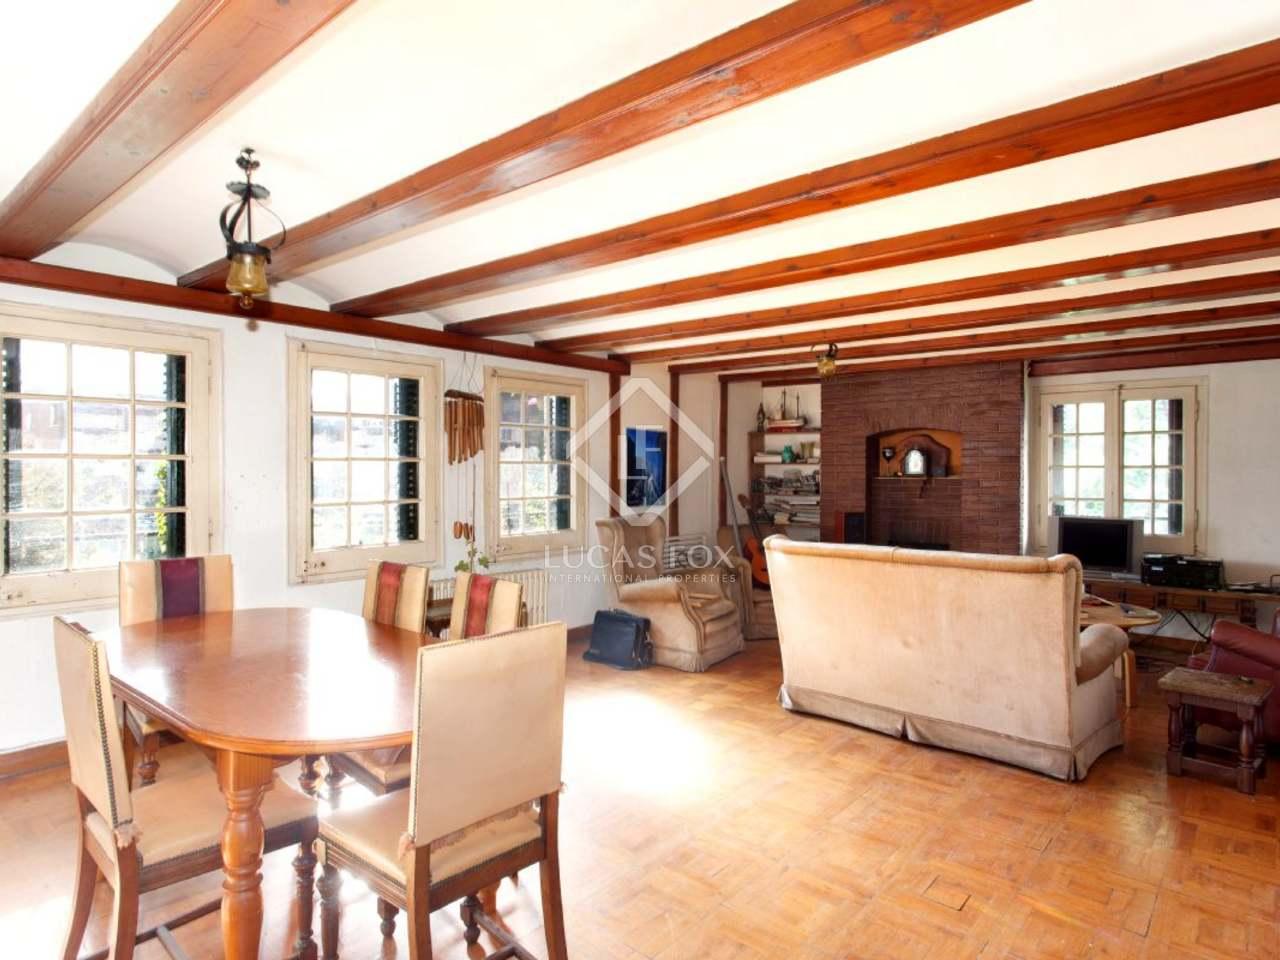 maison de style anglais avec l ments modernistes en vente dans la zona alta de barcelone. Black Bedroom Furniture Sets. Home Design Ideas